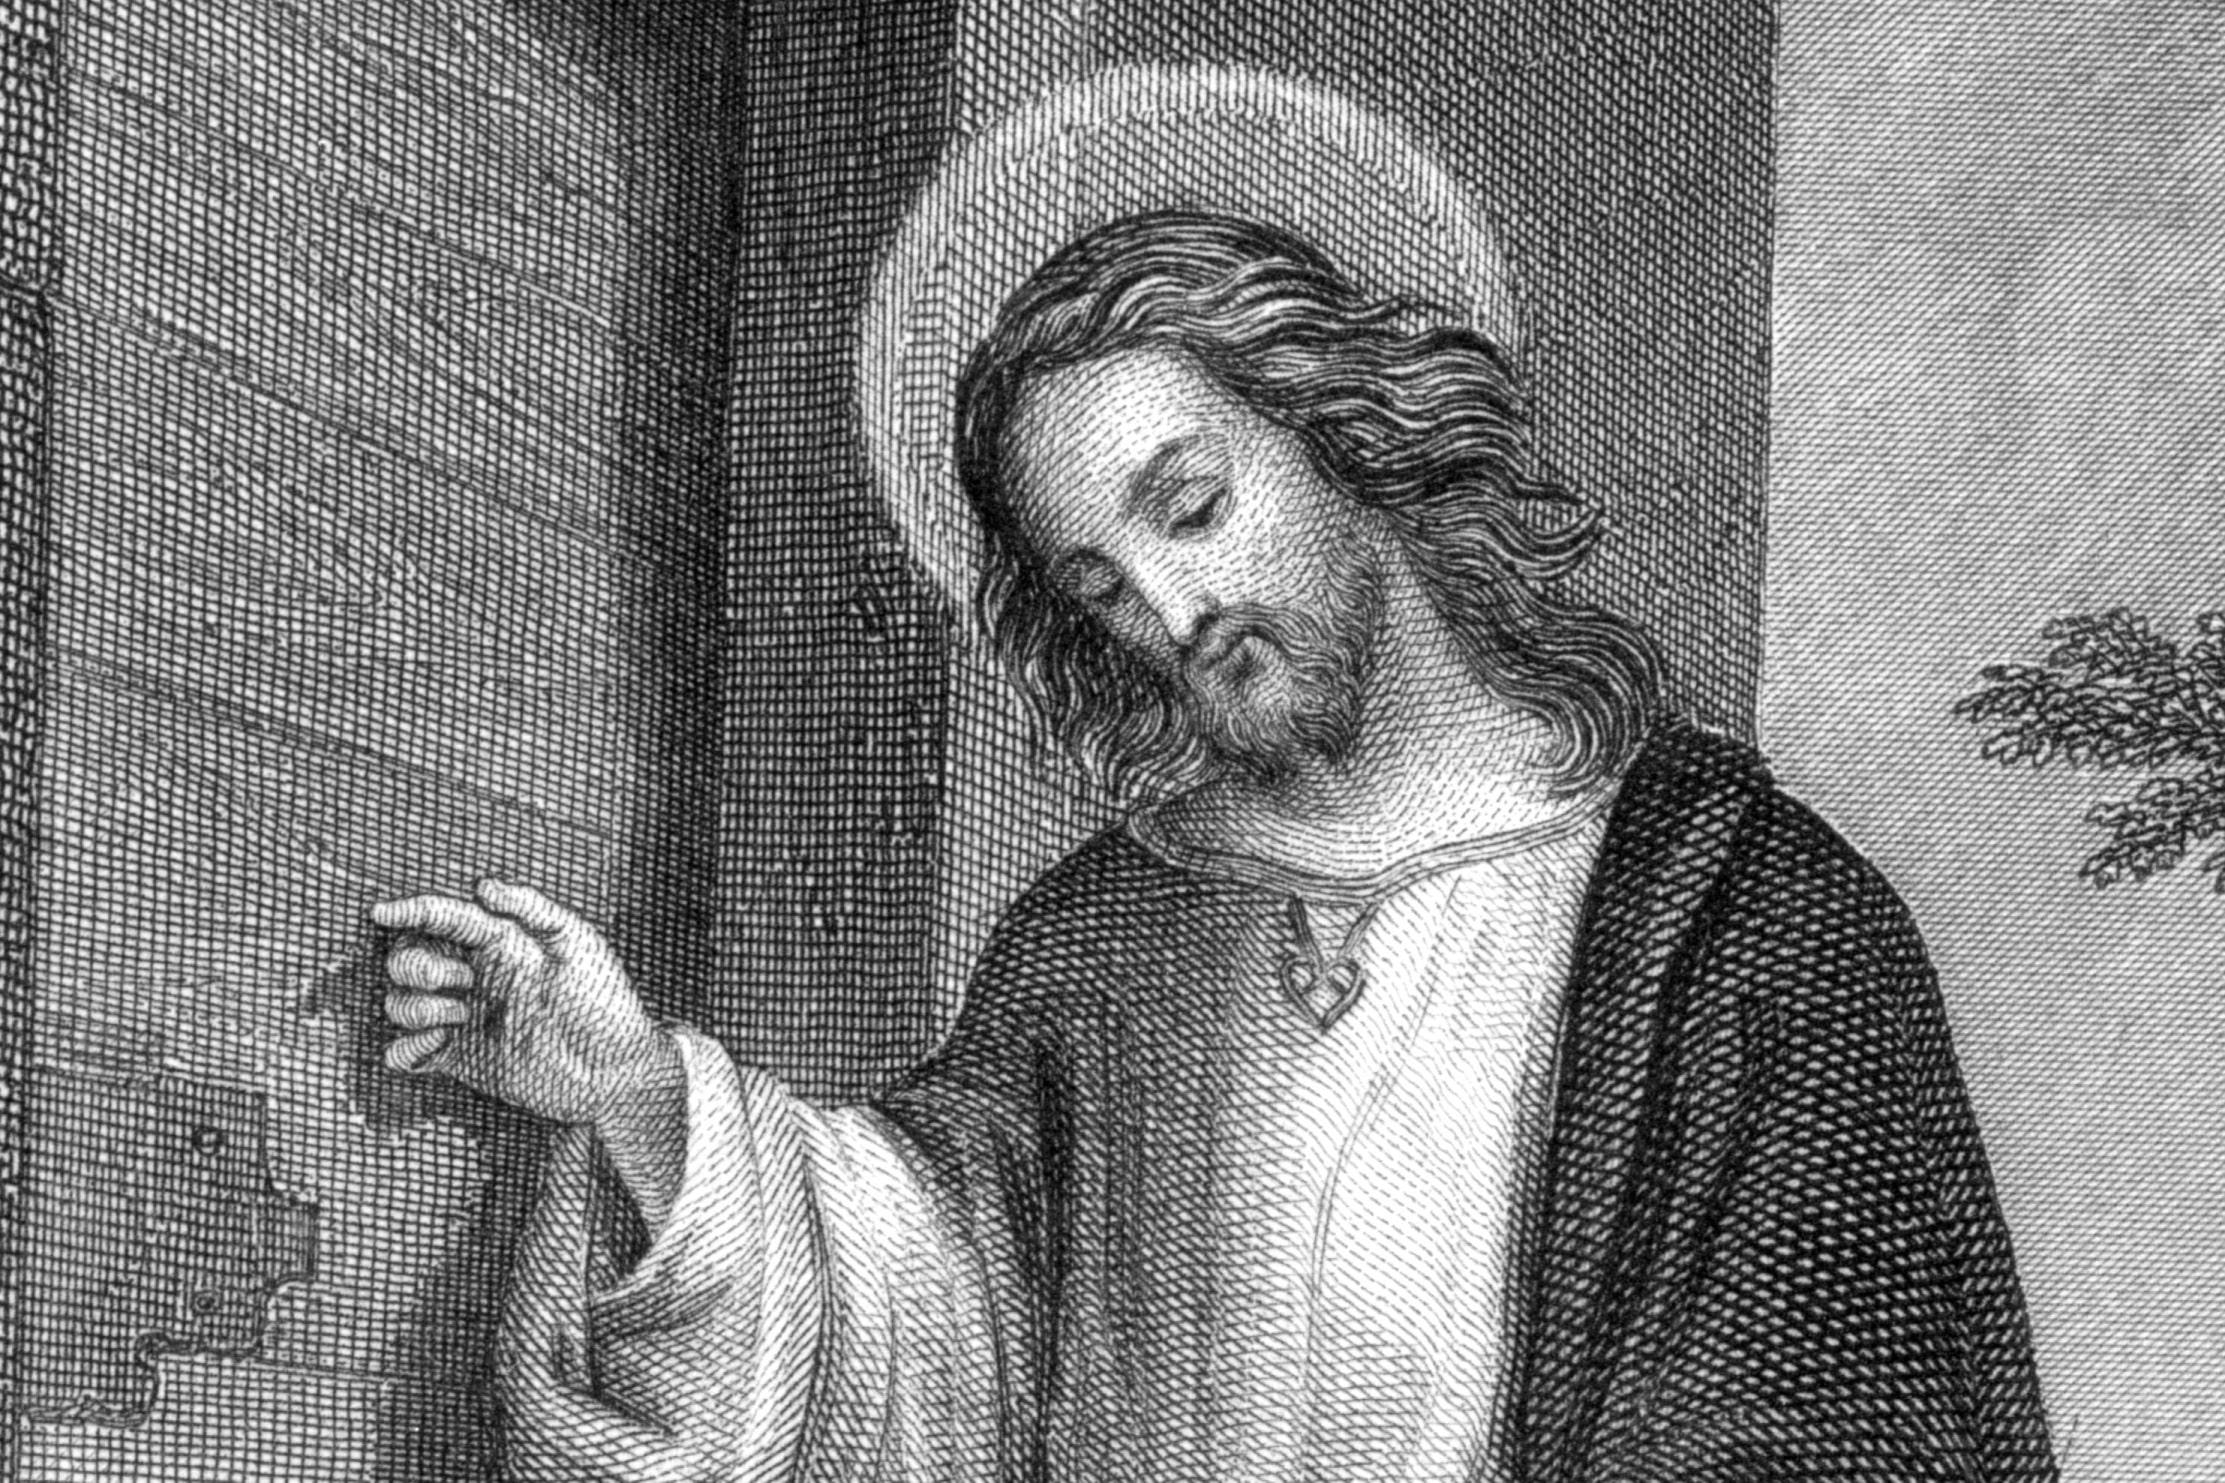 Jesus Christ Widescreen Wallpapers